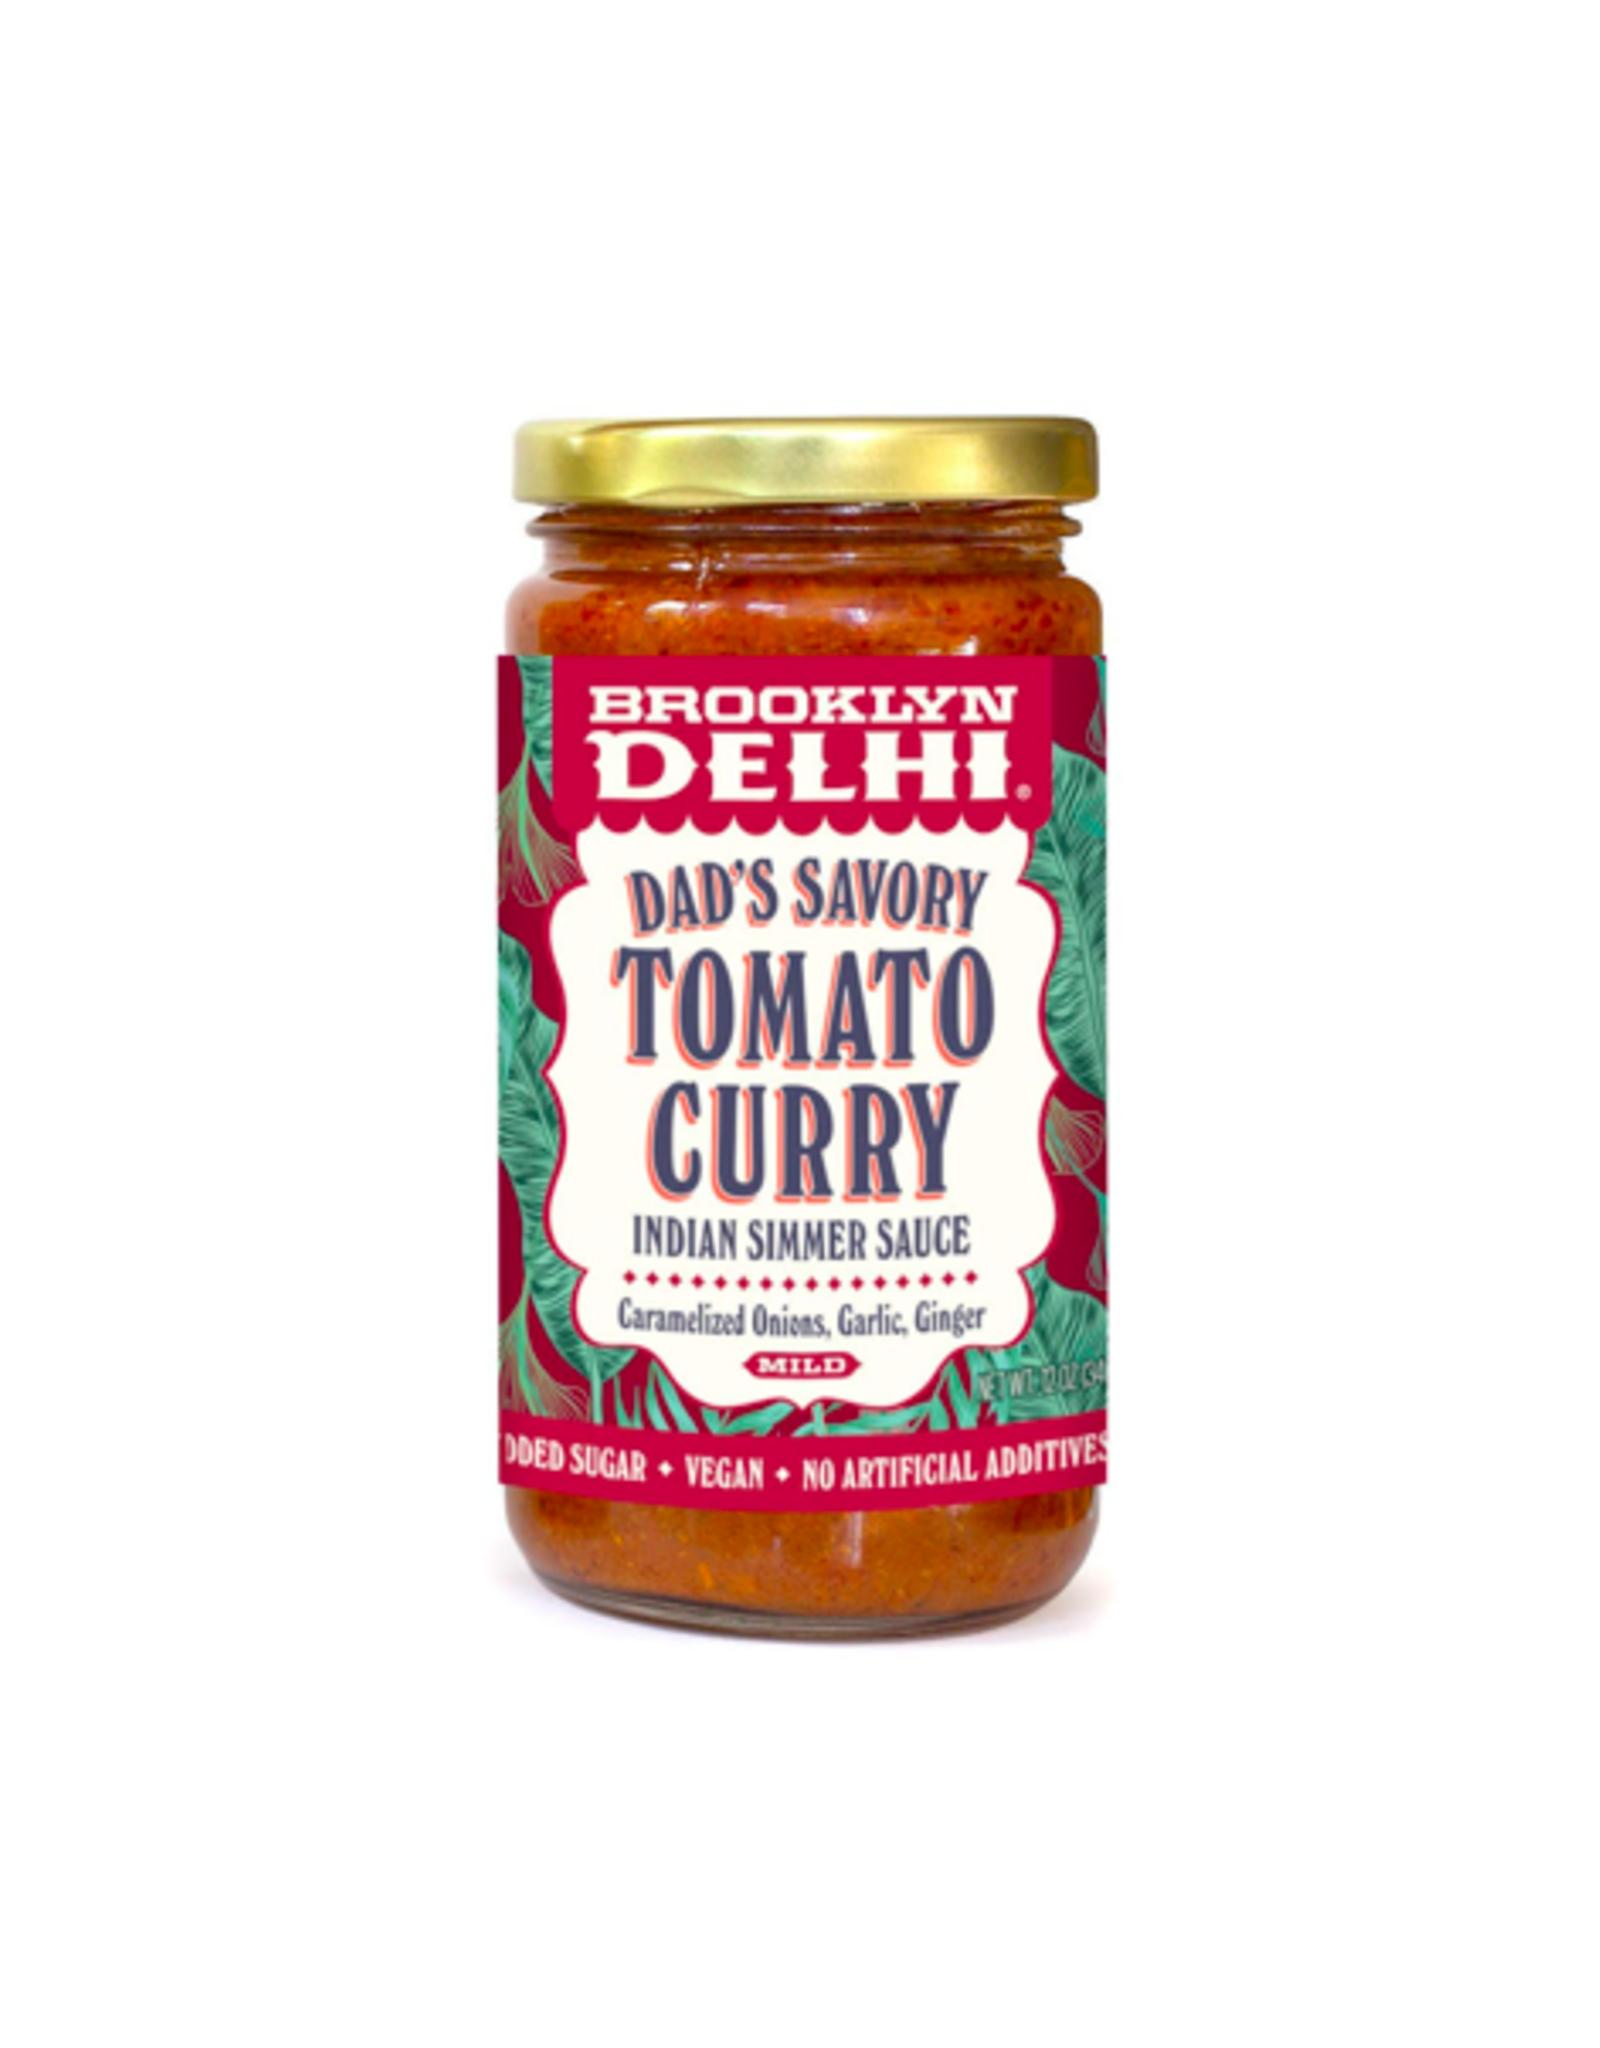 DLE - Brooklyn Delhi / Dad's Savoury Tomato Curry, 12oz